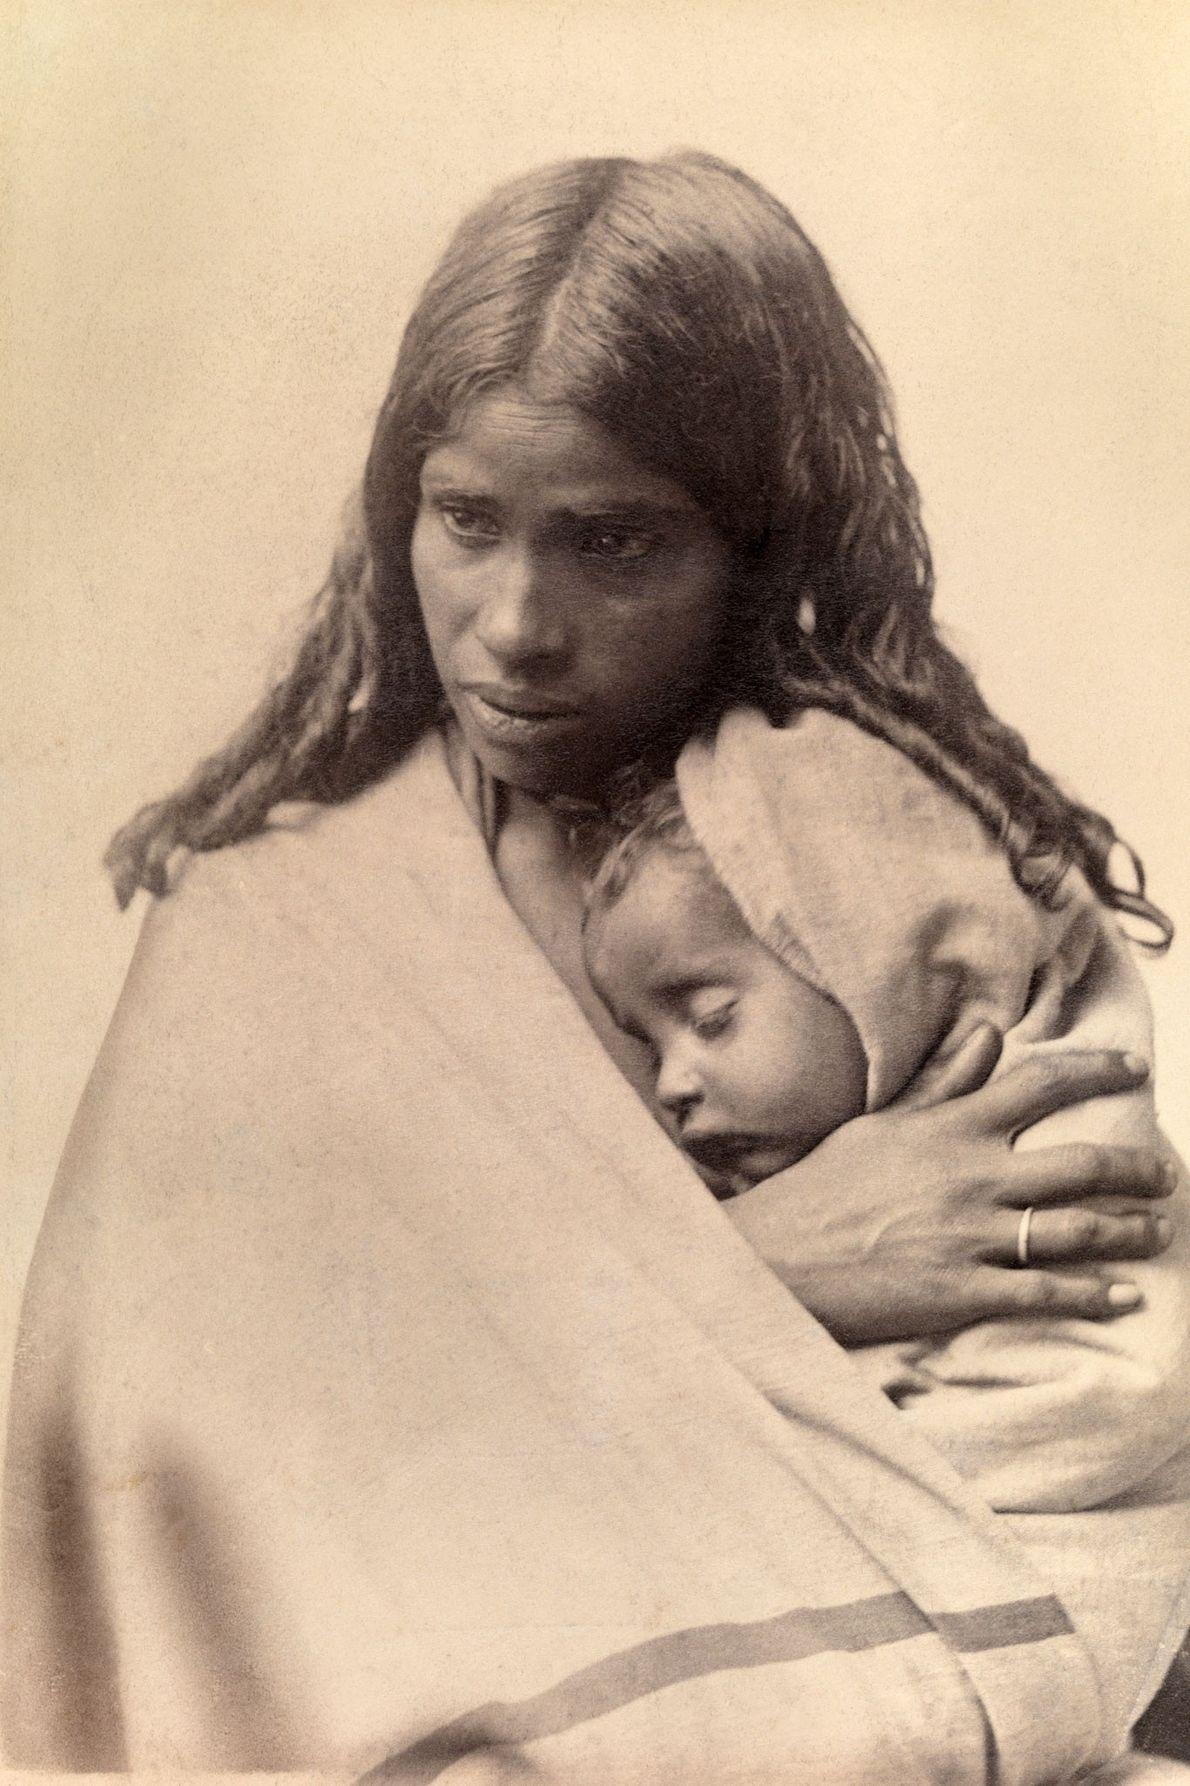 Uma criança Toda dorme no abraço de sua mãe em Nilgiri Hill, perto de Madras, Índia.